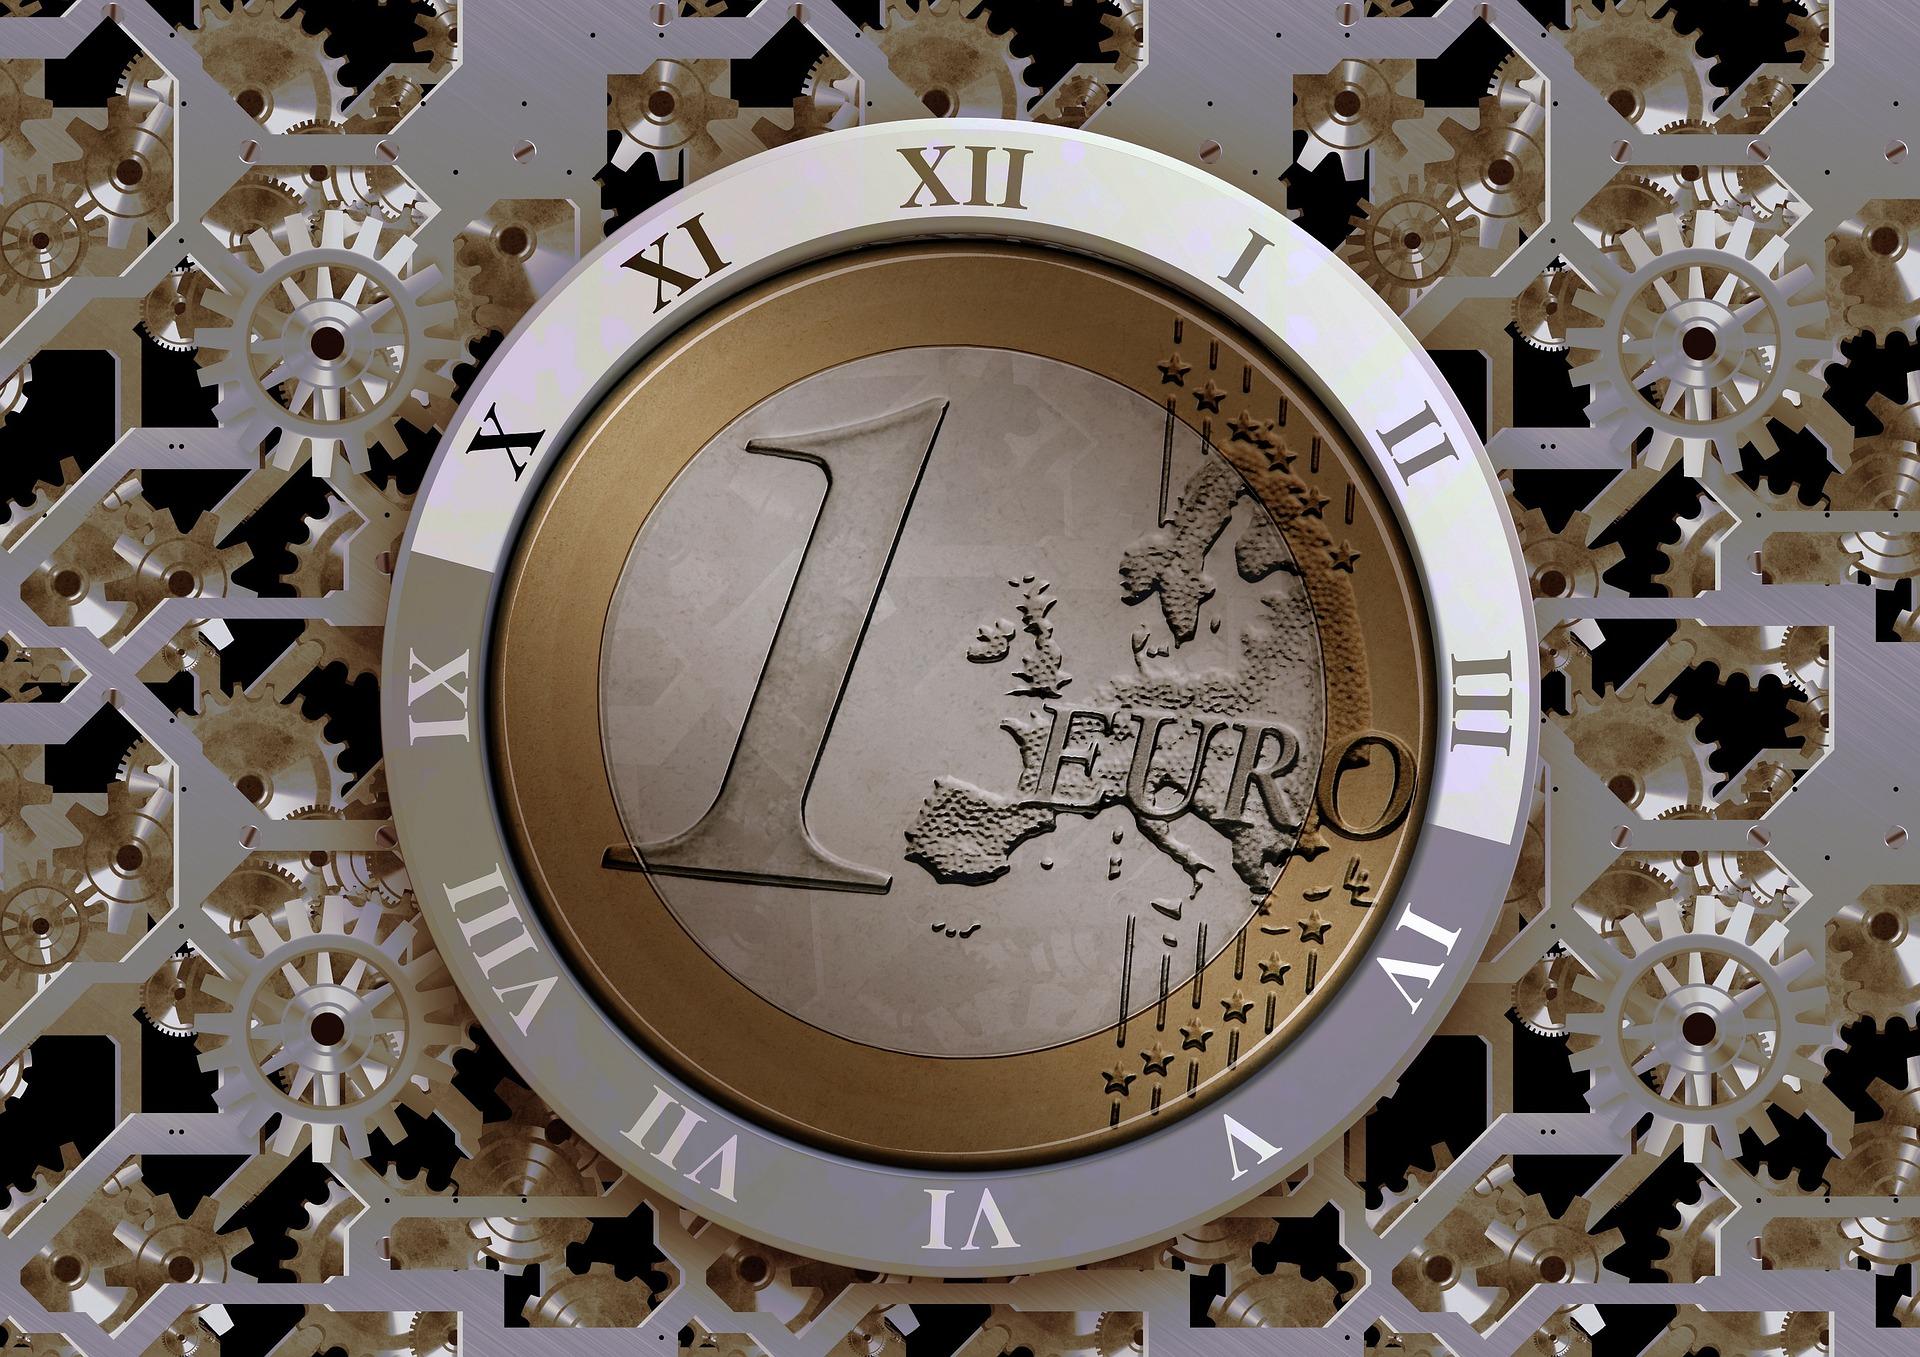 L'Euro a 20 ans: qu'avons-nous appris en utilisant cette monnaie unique?